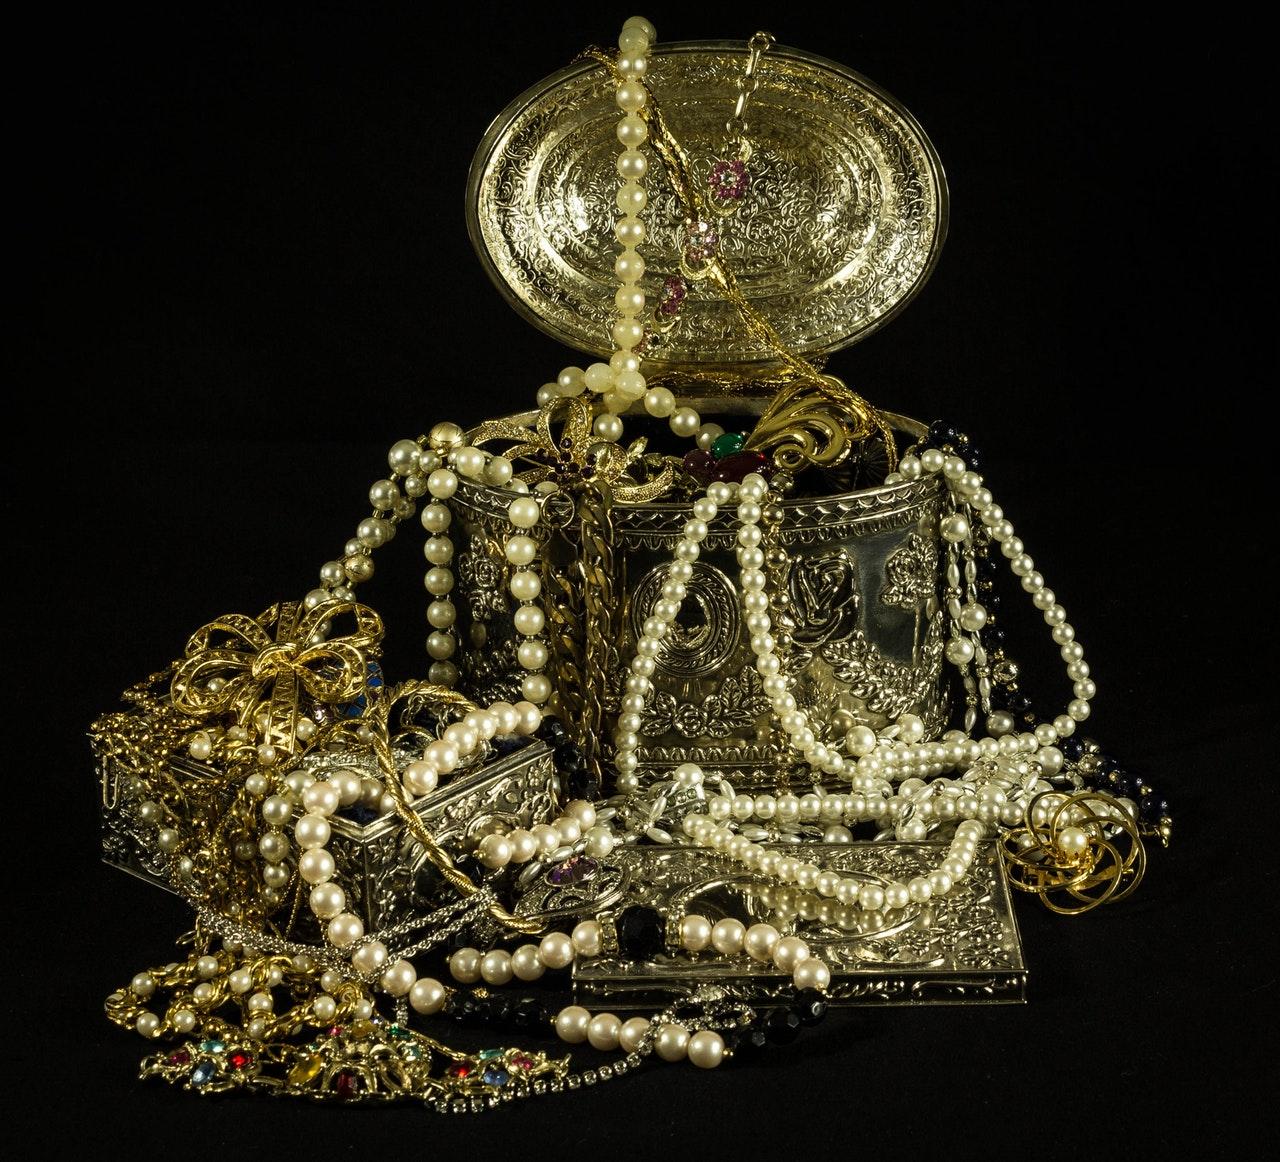 treasure-jewels-pearls-gold-53482.jpeg